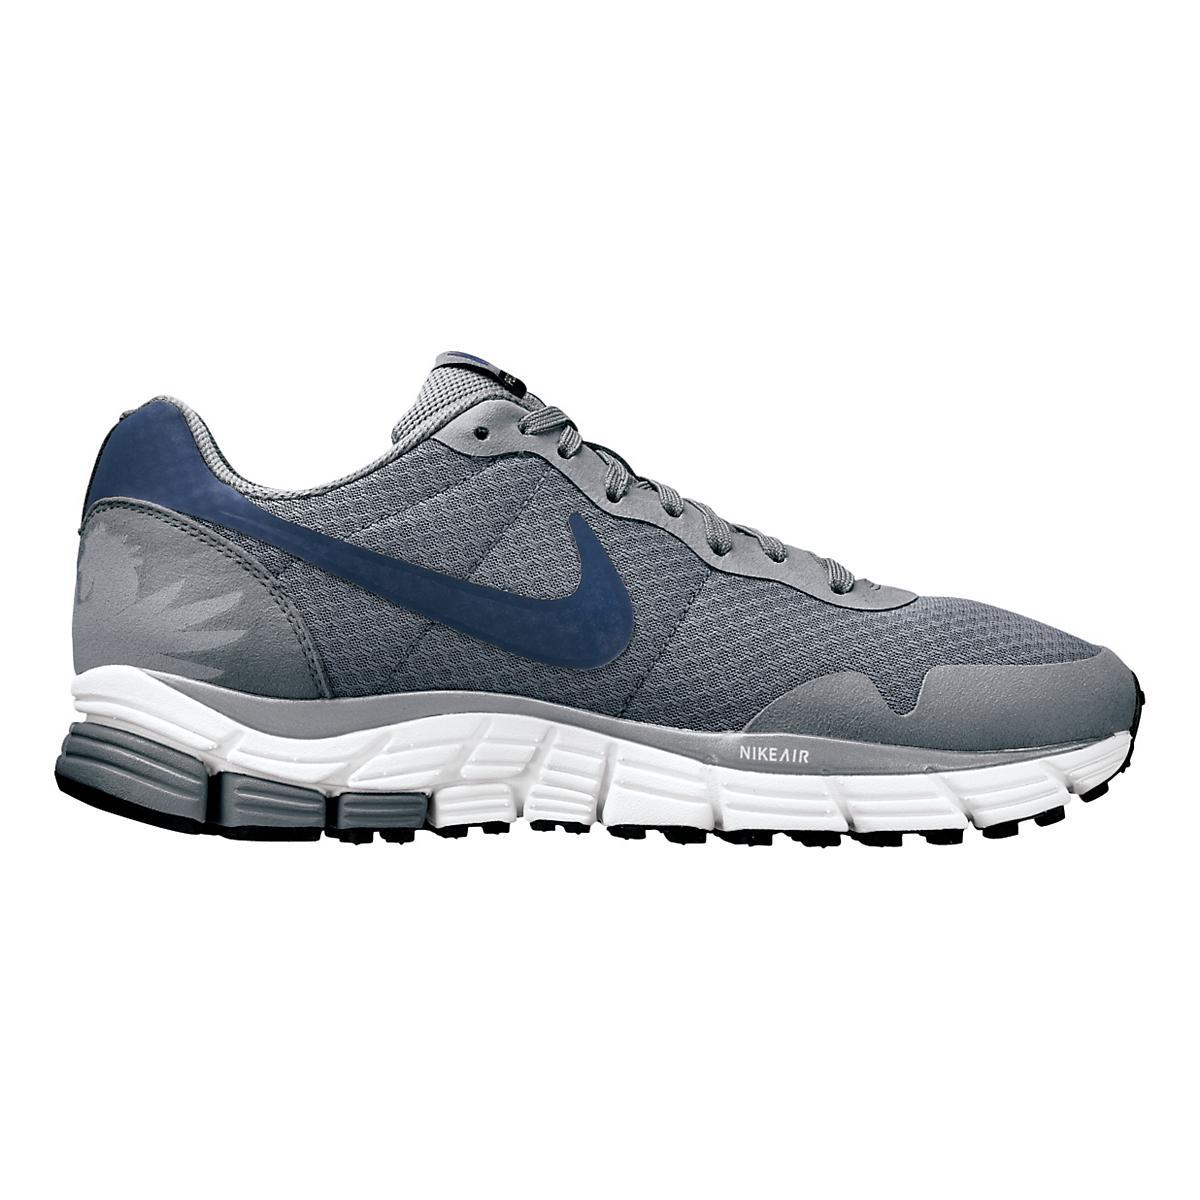 Nike shoes | air pegasus 25 se | poshmark.